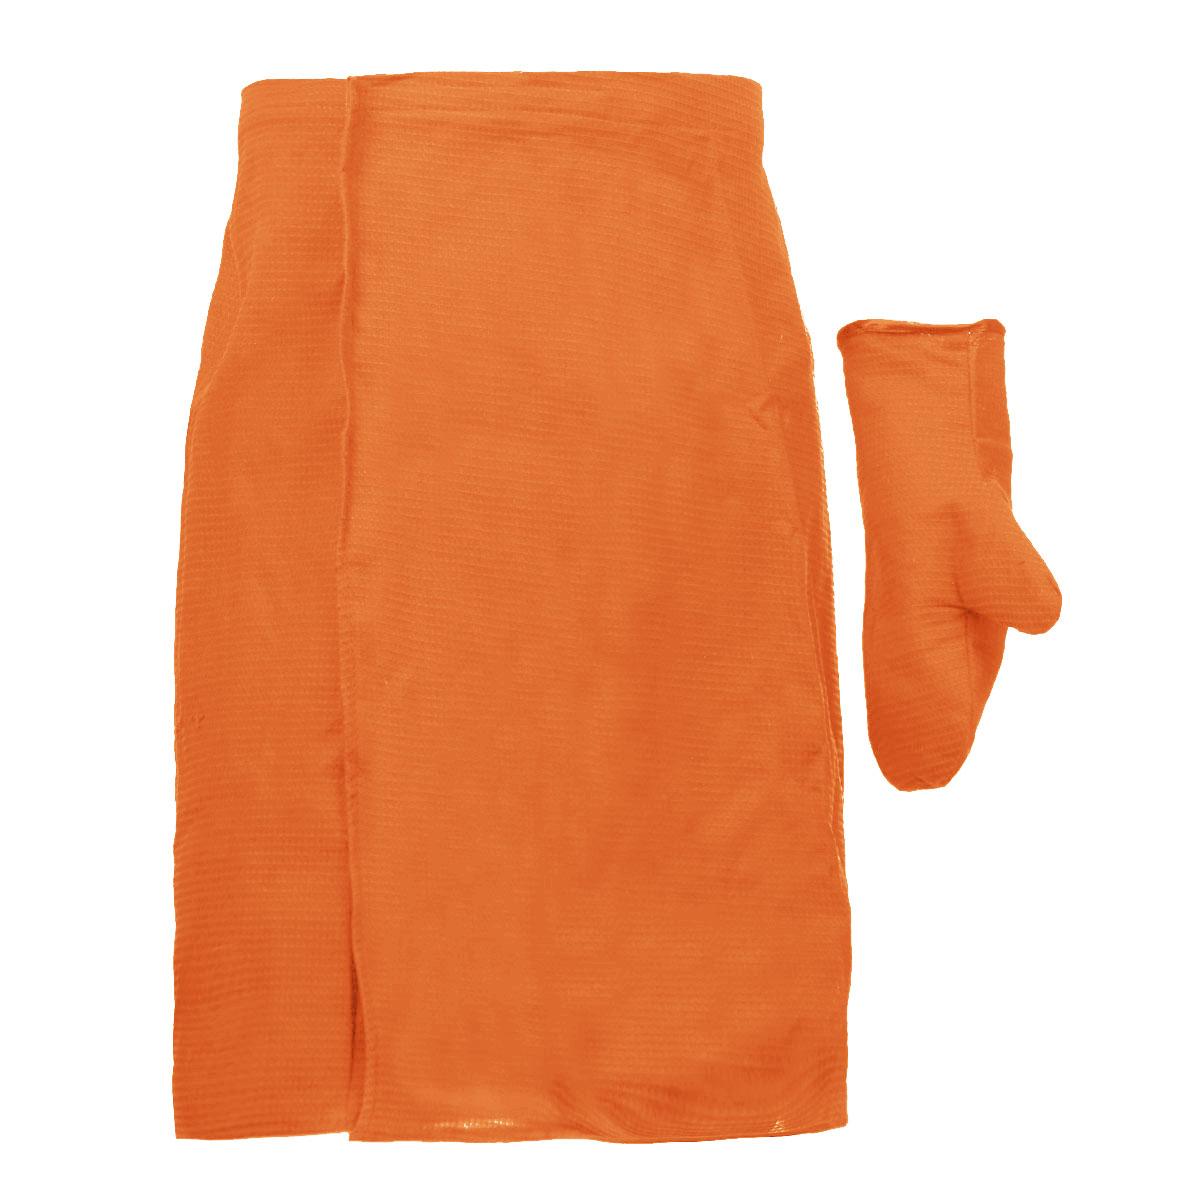 Комплект для бани и сауны Банные штучки, мужской, цвет: оранжевый, 2 предмета. 32064K100Комплект для сауны и бани Банные штучки изготовлен из натурального, хорошо впитывающего влагу хлопка. Комплект состоит из однотонной вафельной накидки и рукавицы.Накидка специального кроя снабжена резинкой и застежкой-липучкой. Имеет универсальный размер. В парилке можно лежать на ней, после душа вытираться. Рукавица защитит ваши руки от ожогов, может использоваться для массажа тела. Комплект создан для активных и уверенных в себе людей. Отдых в сауне или бане - это полезный и в последнее время популярный способ времяпровождения. Комплект Банные штучки обеспечит вам комфорт и удобство. Размер накидки: 60 см х 145 см. Размер рукавицы: 27 см х 18,5 см.